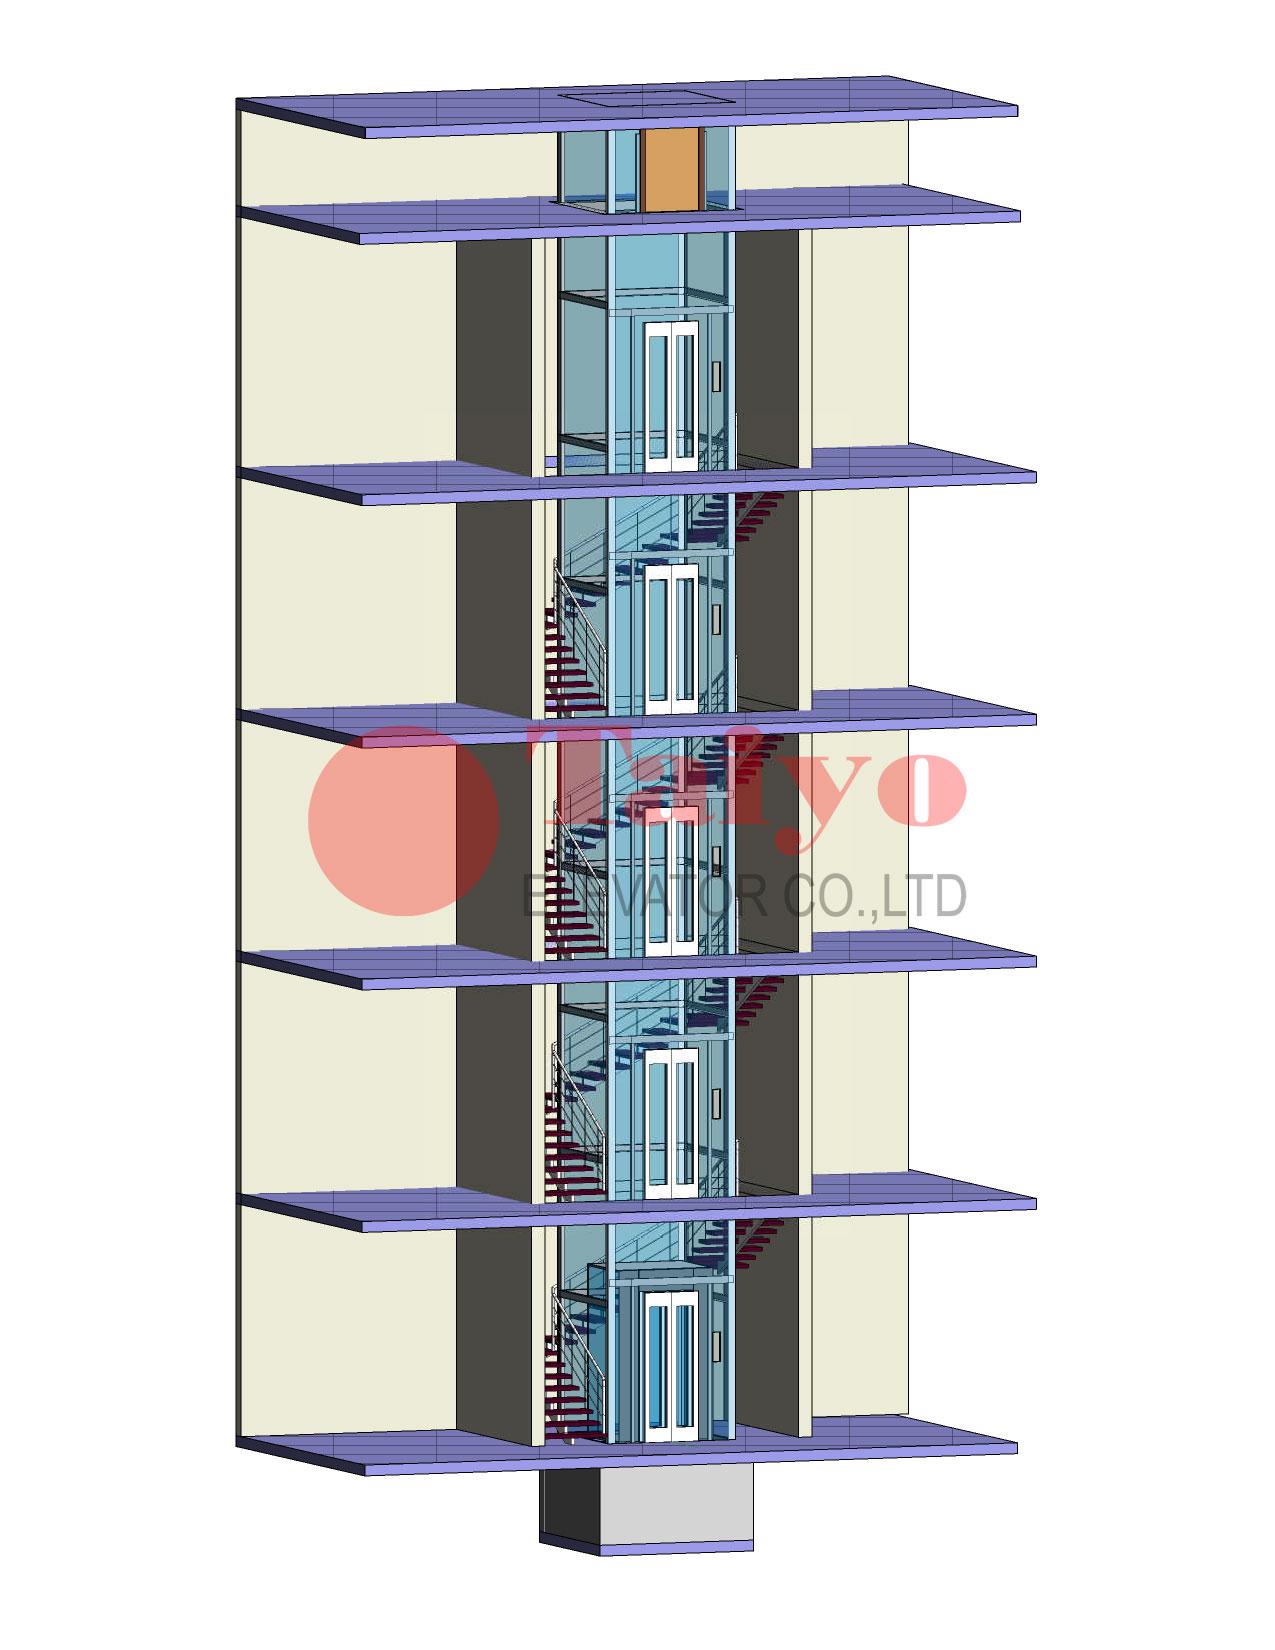 Giá thang máy gia đình khoảng bao nhiêu? Bản sẽ thang máy như thế nào?